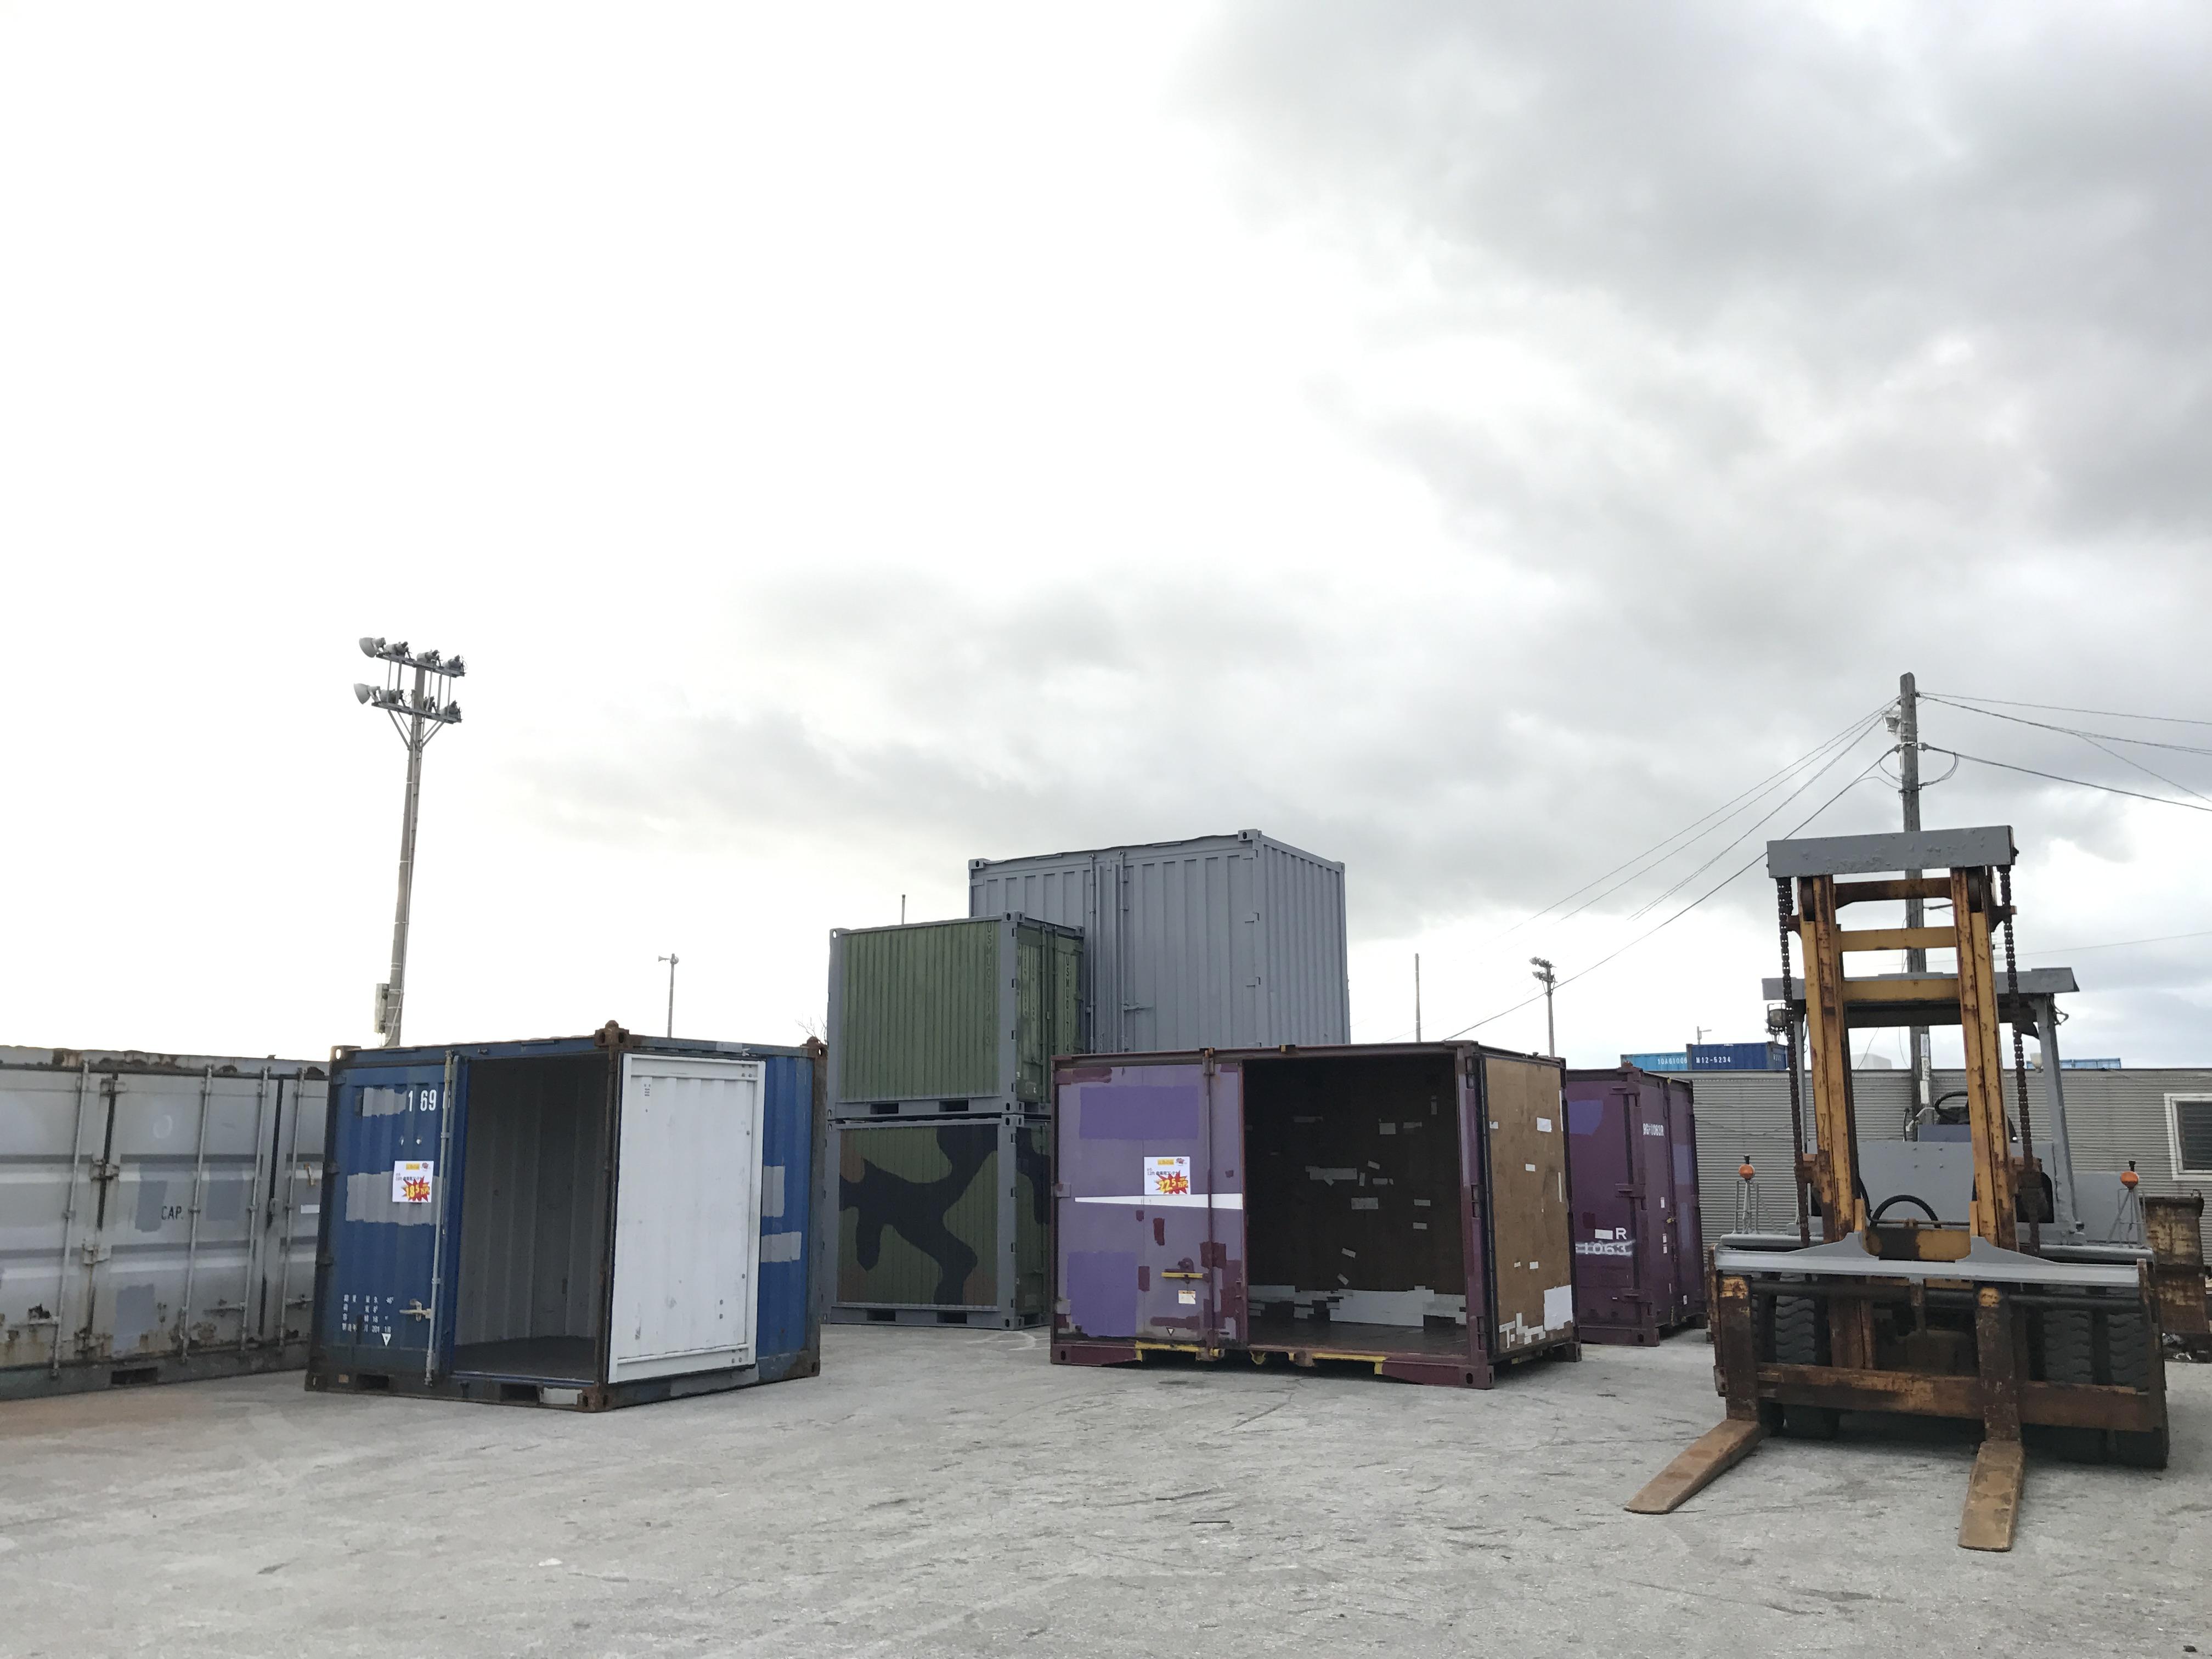 コンテナ市場 沖縄営業所 では私たちがご対応します